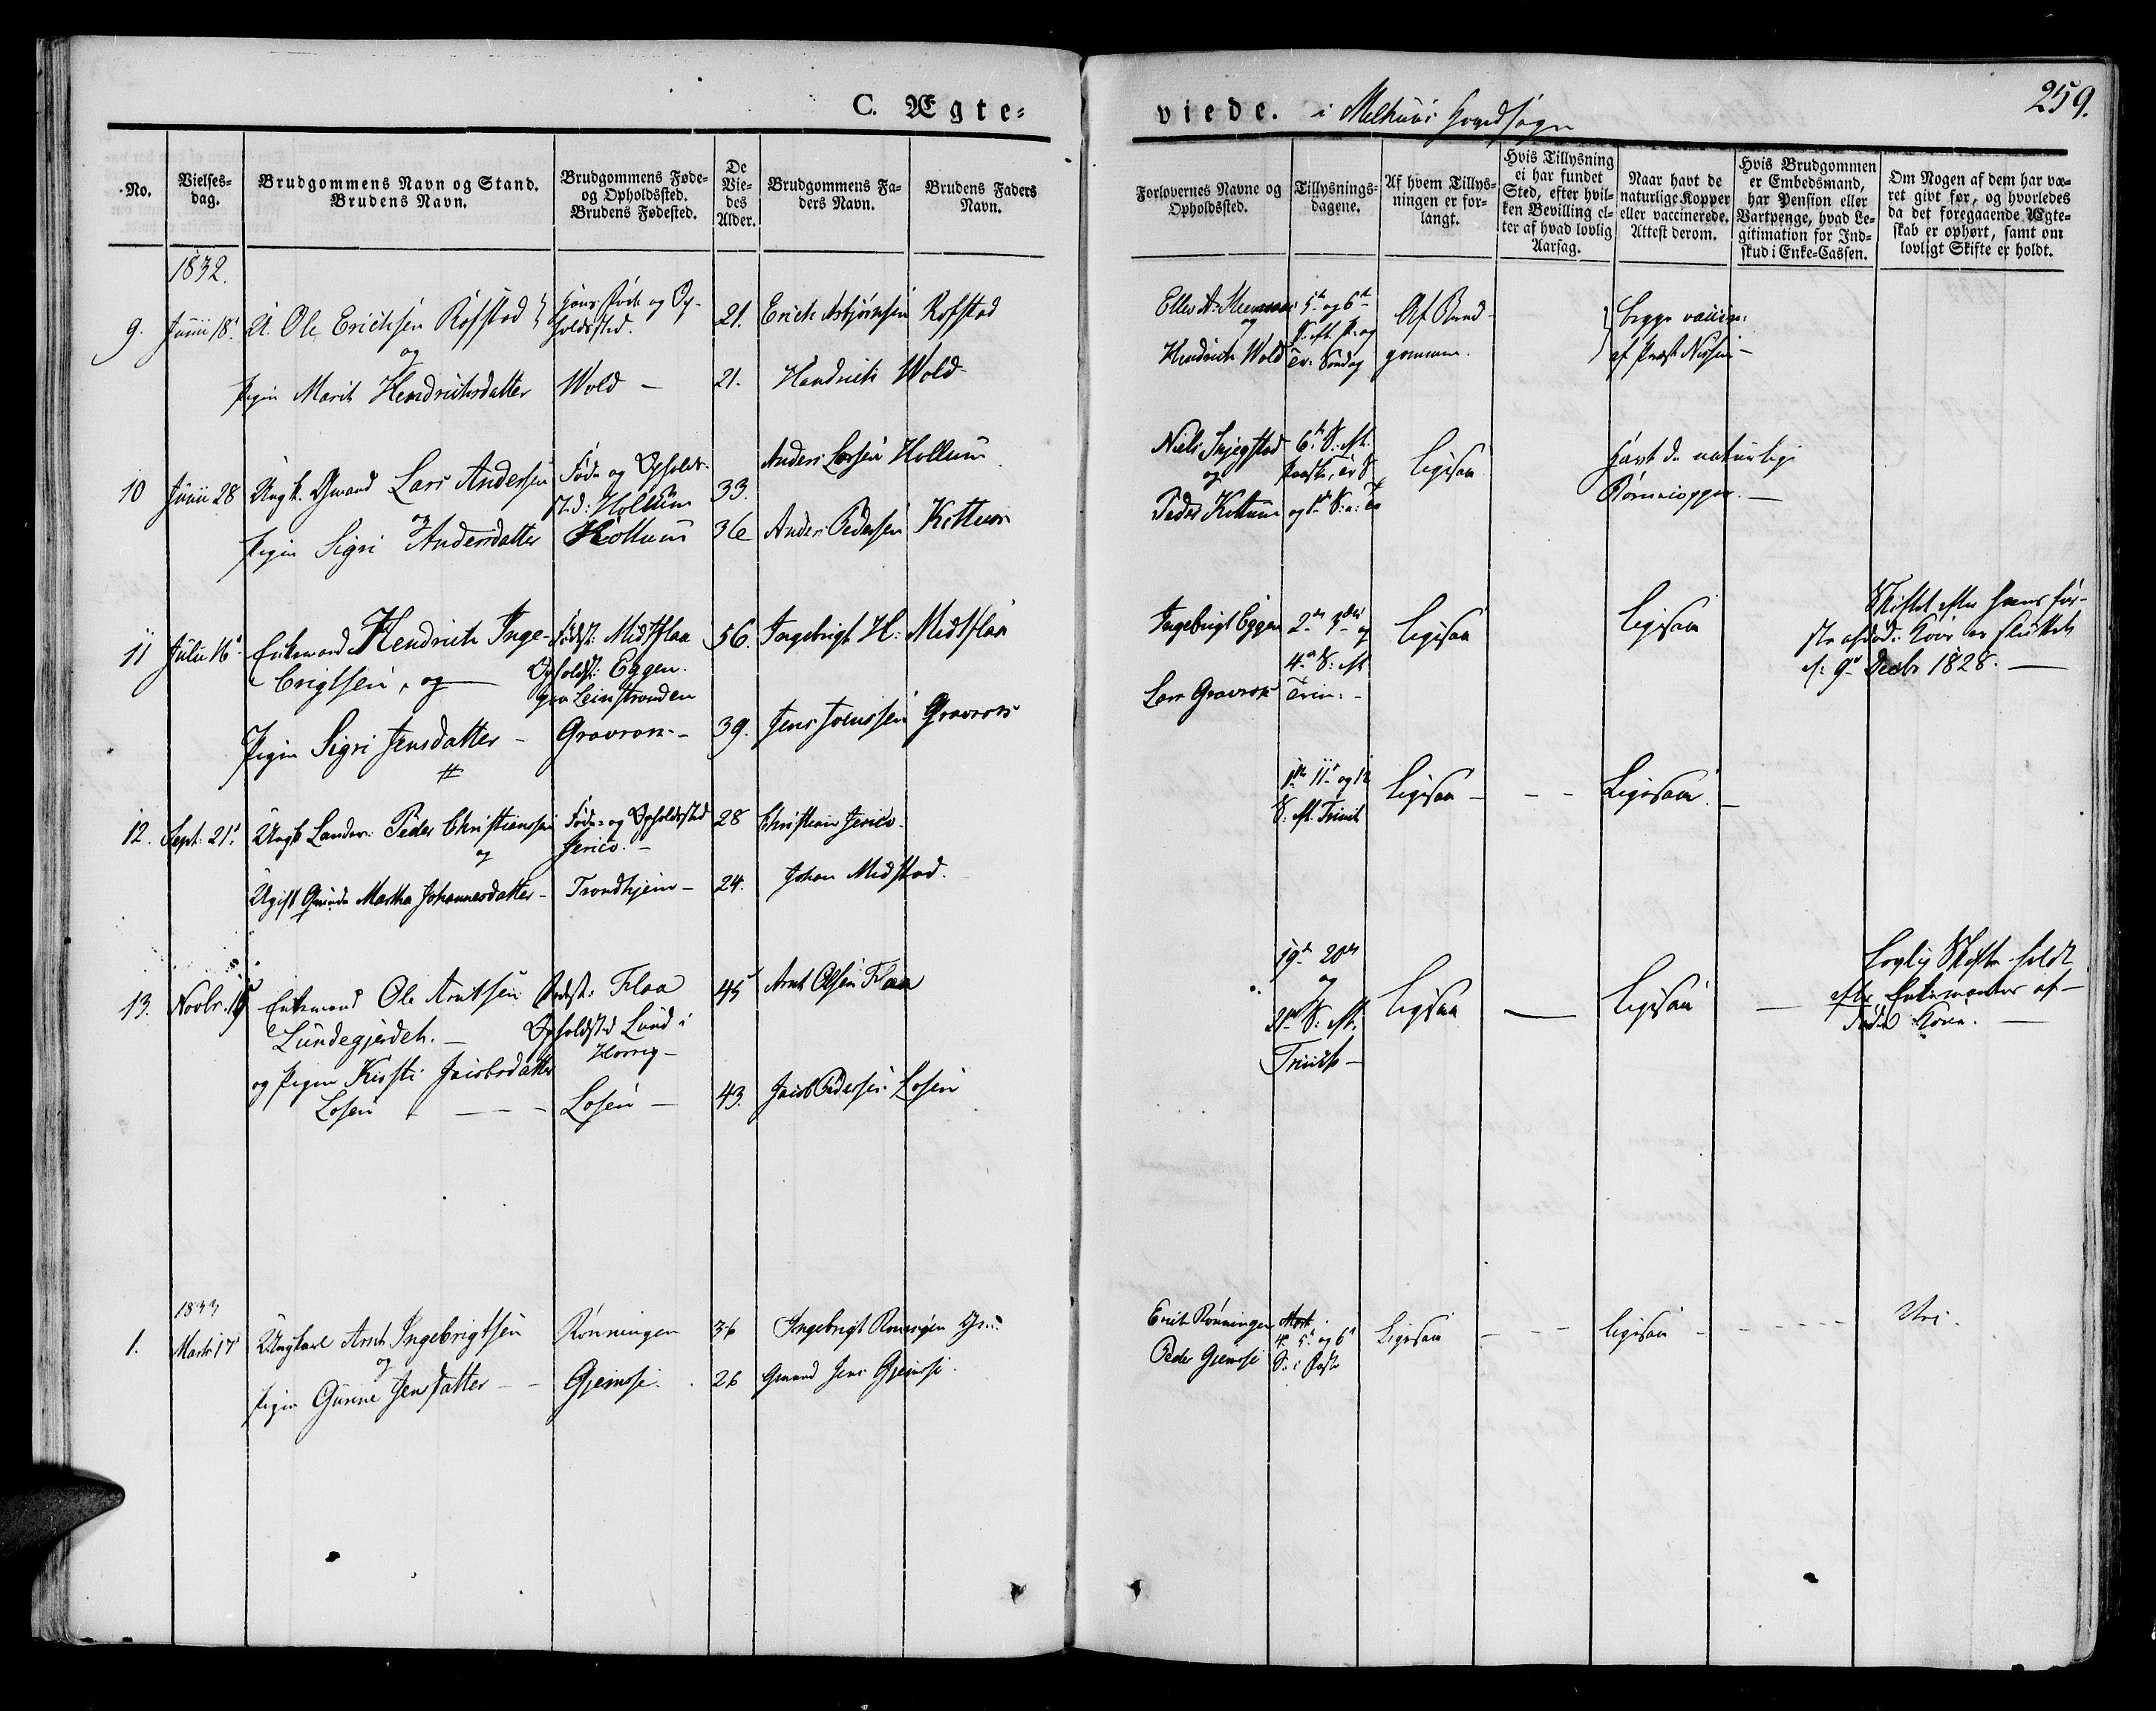 SAT, Ministerialprotokoller, klokkerbøker og fødselsregistre - Sør-Trøndelag, 691/L1070: Ministerialbok nr. 691A05 /1, 1826-1841, s. 259